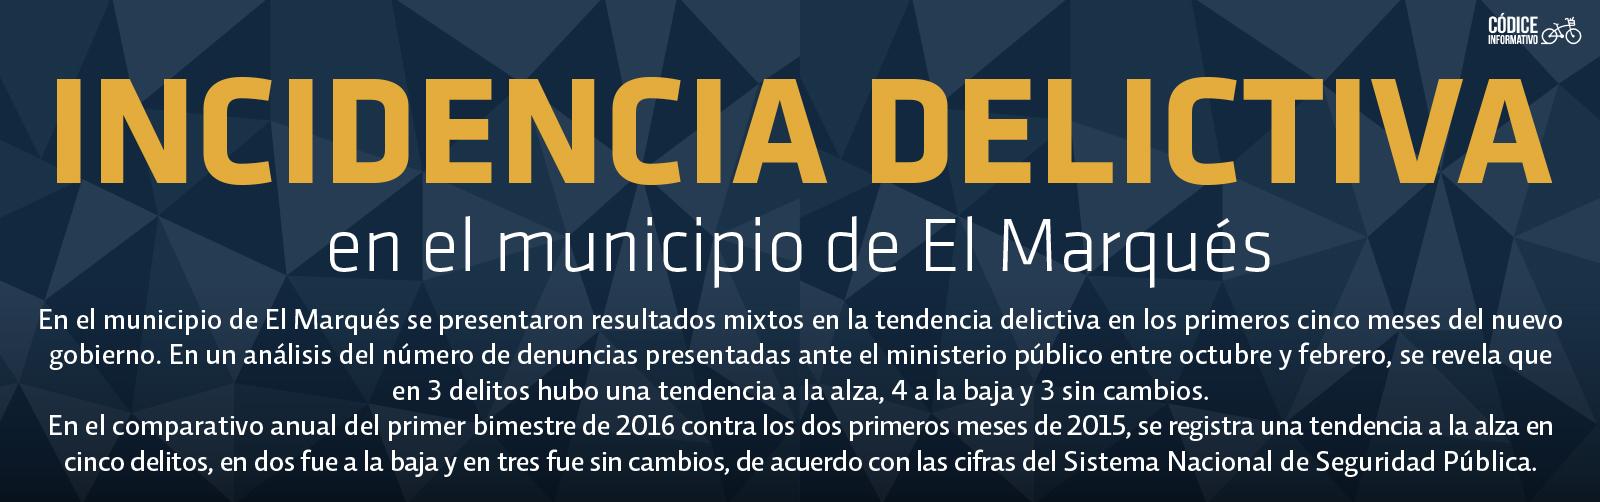 Incidencia Delictiva en el municipio El Marqués